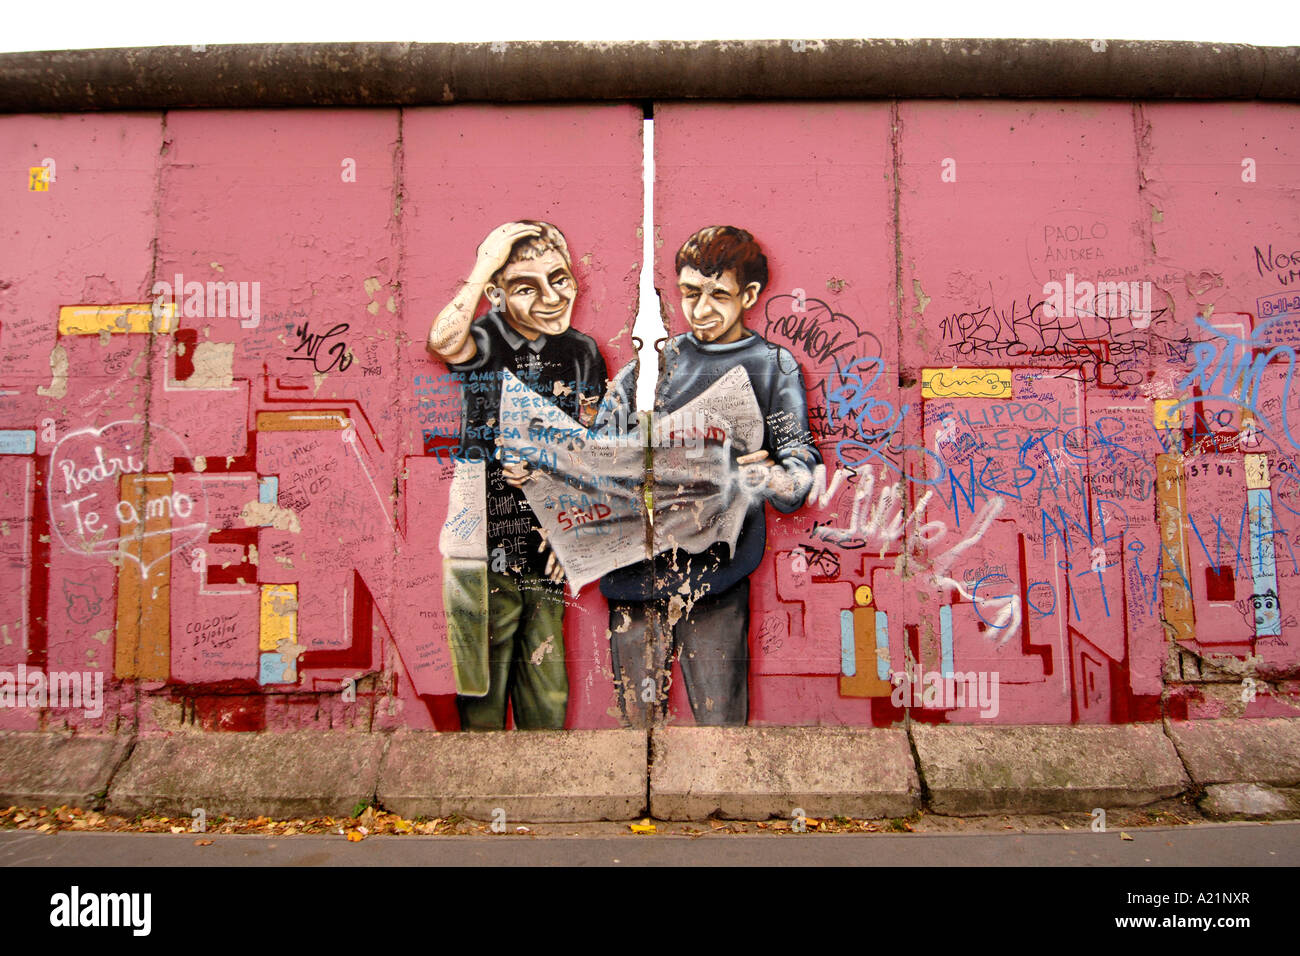 Eine bunte rosa Wandbild an der East Side Gallery, eine erhaltene Gedenk Abschnitt der Berliner Mauer in Deutschland. Stockbild